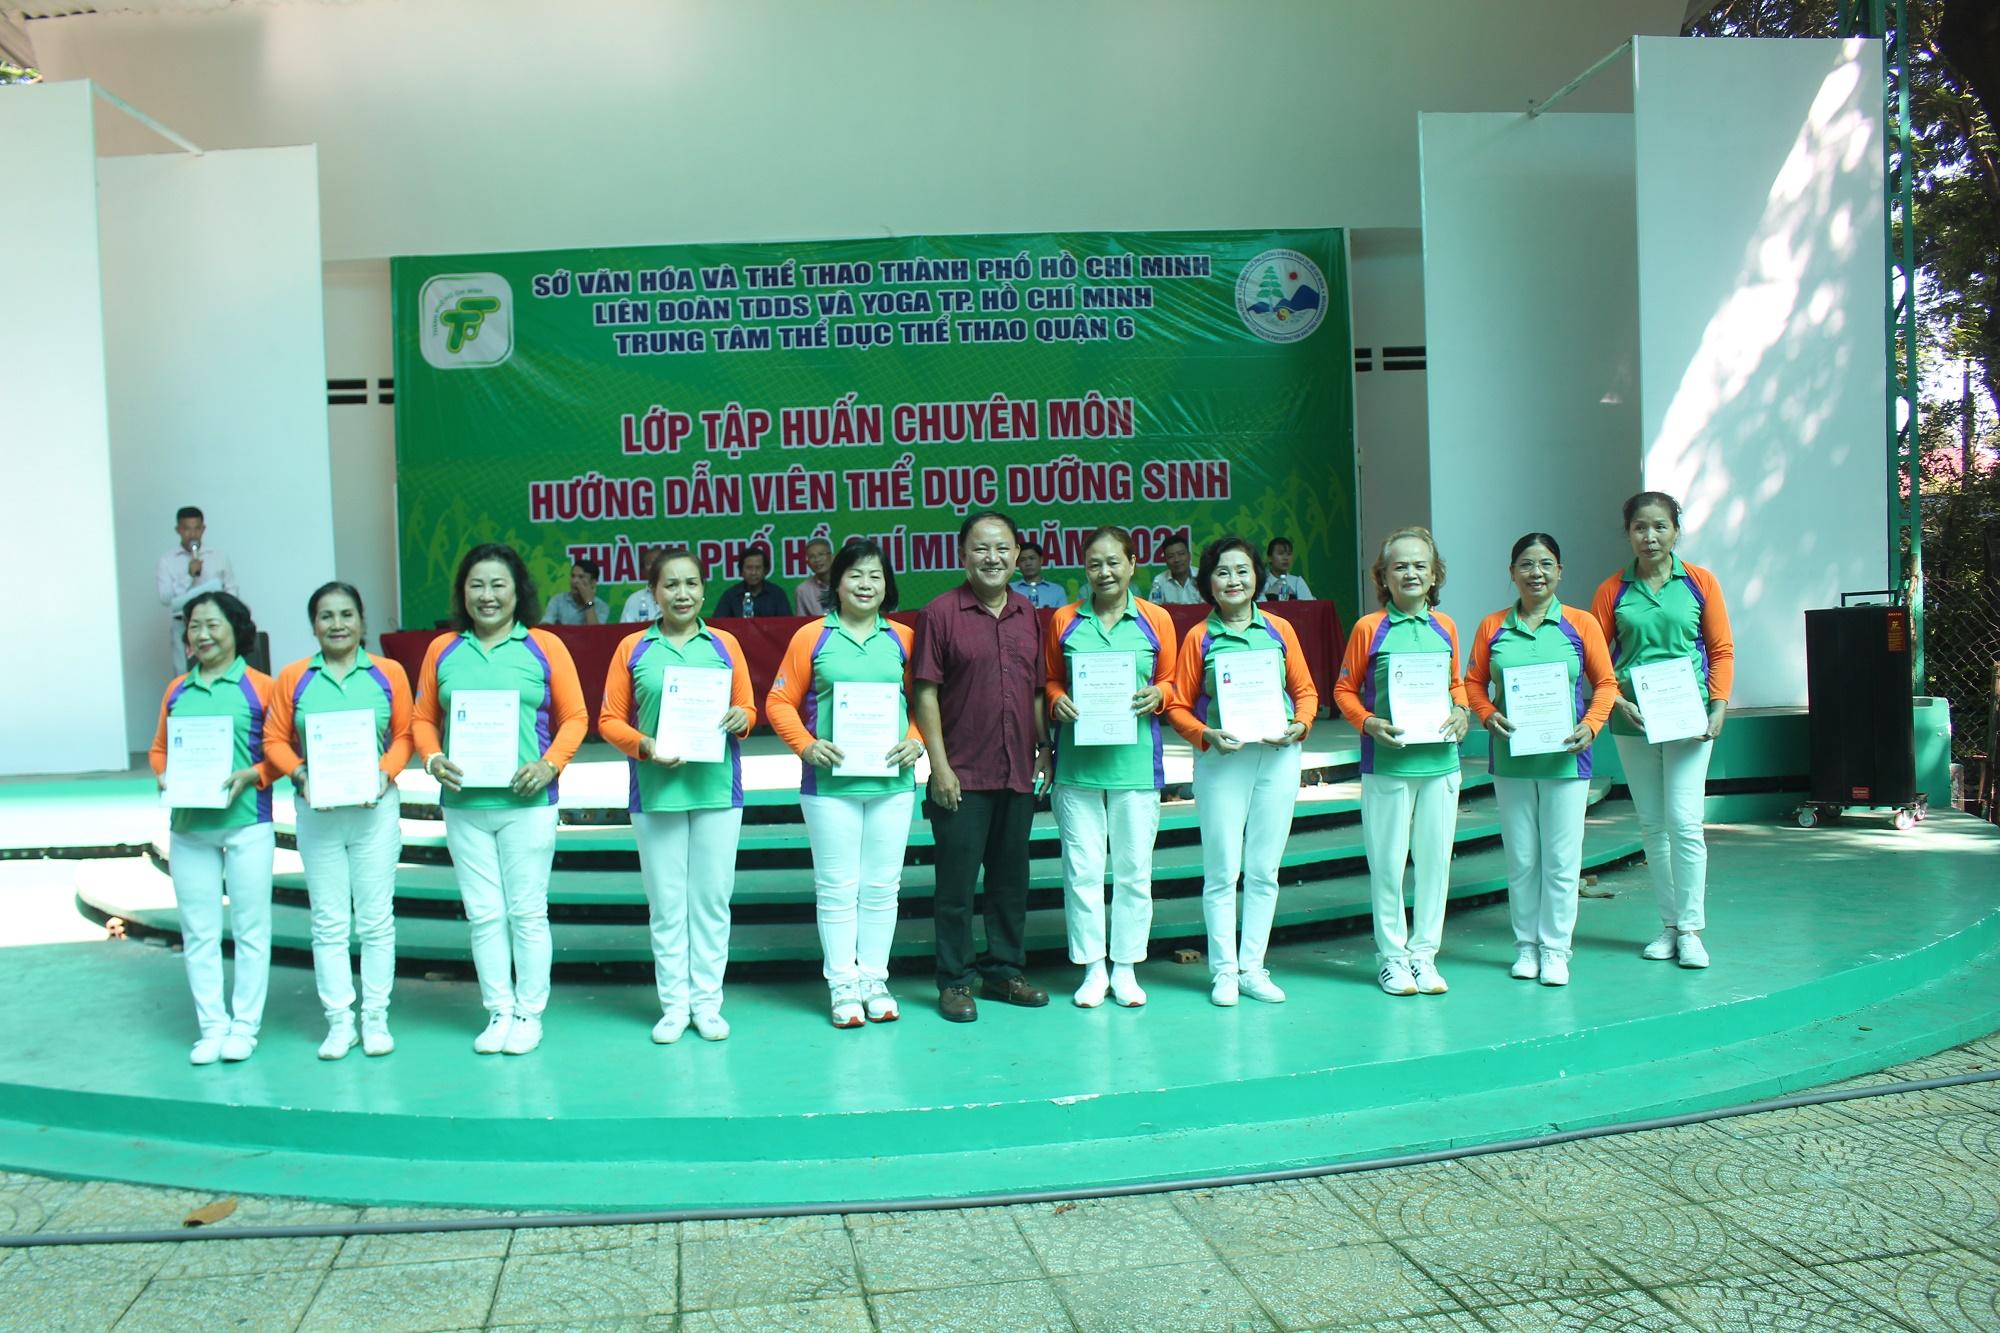 Hình ảnh: Bế giảng lớp tập huấn chuyên môn Hướng dẫn viên TDDS TP.HCM 2021 số 4